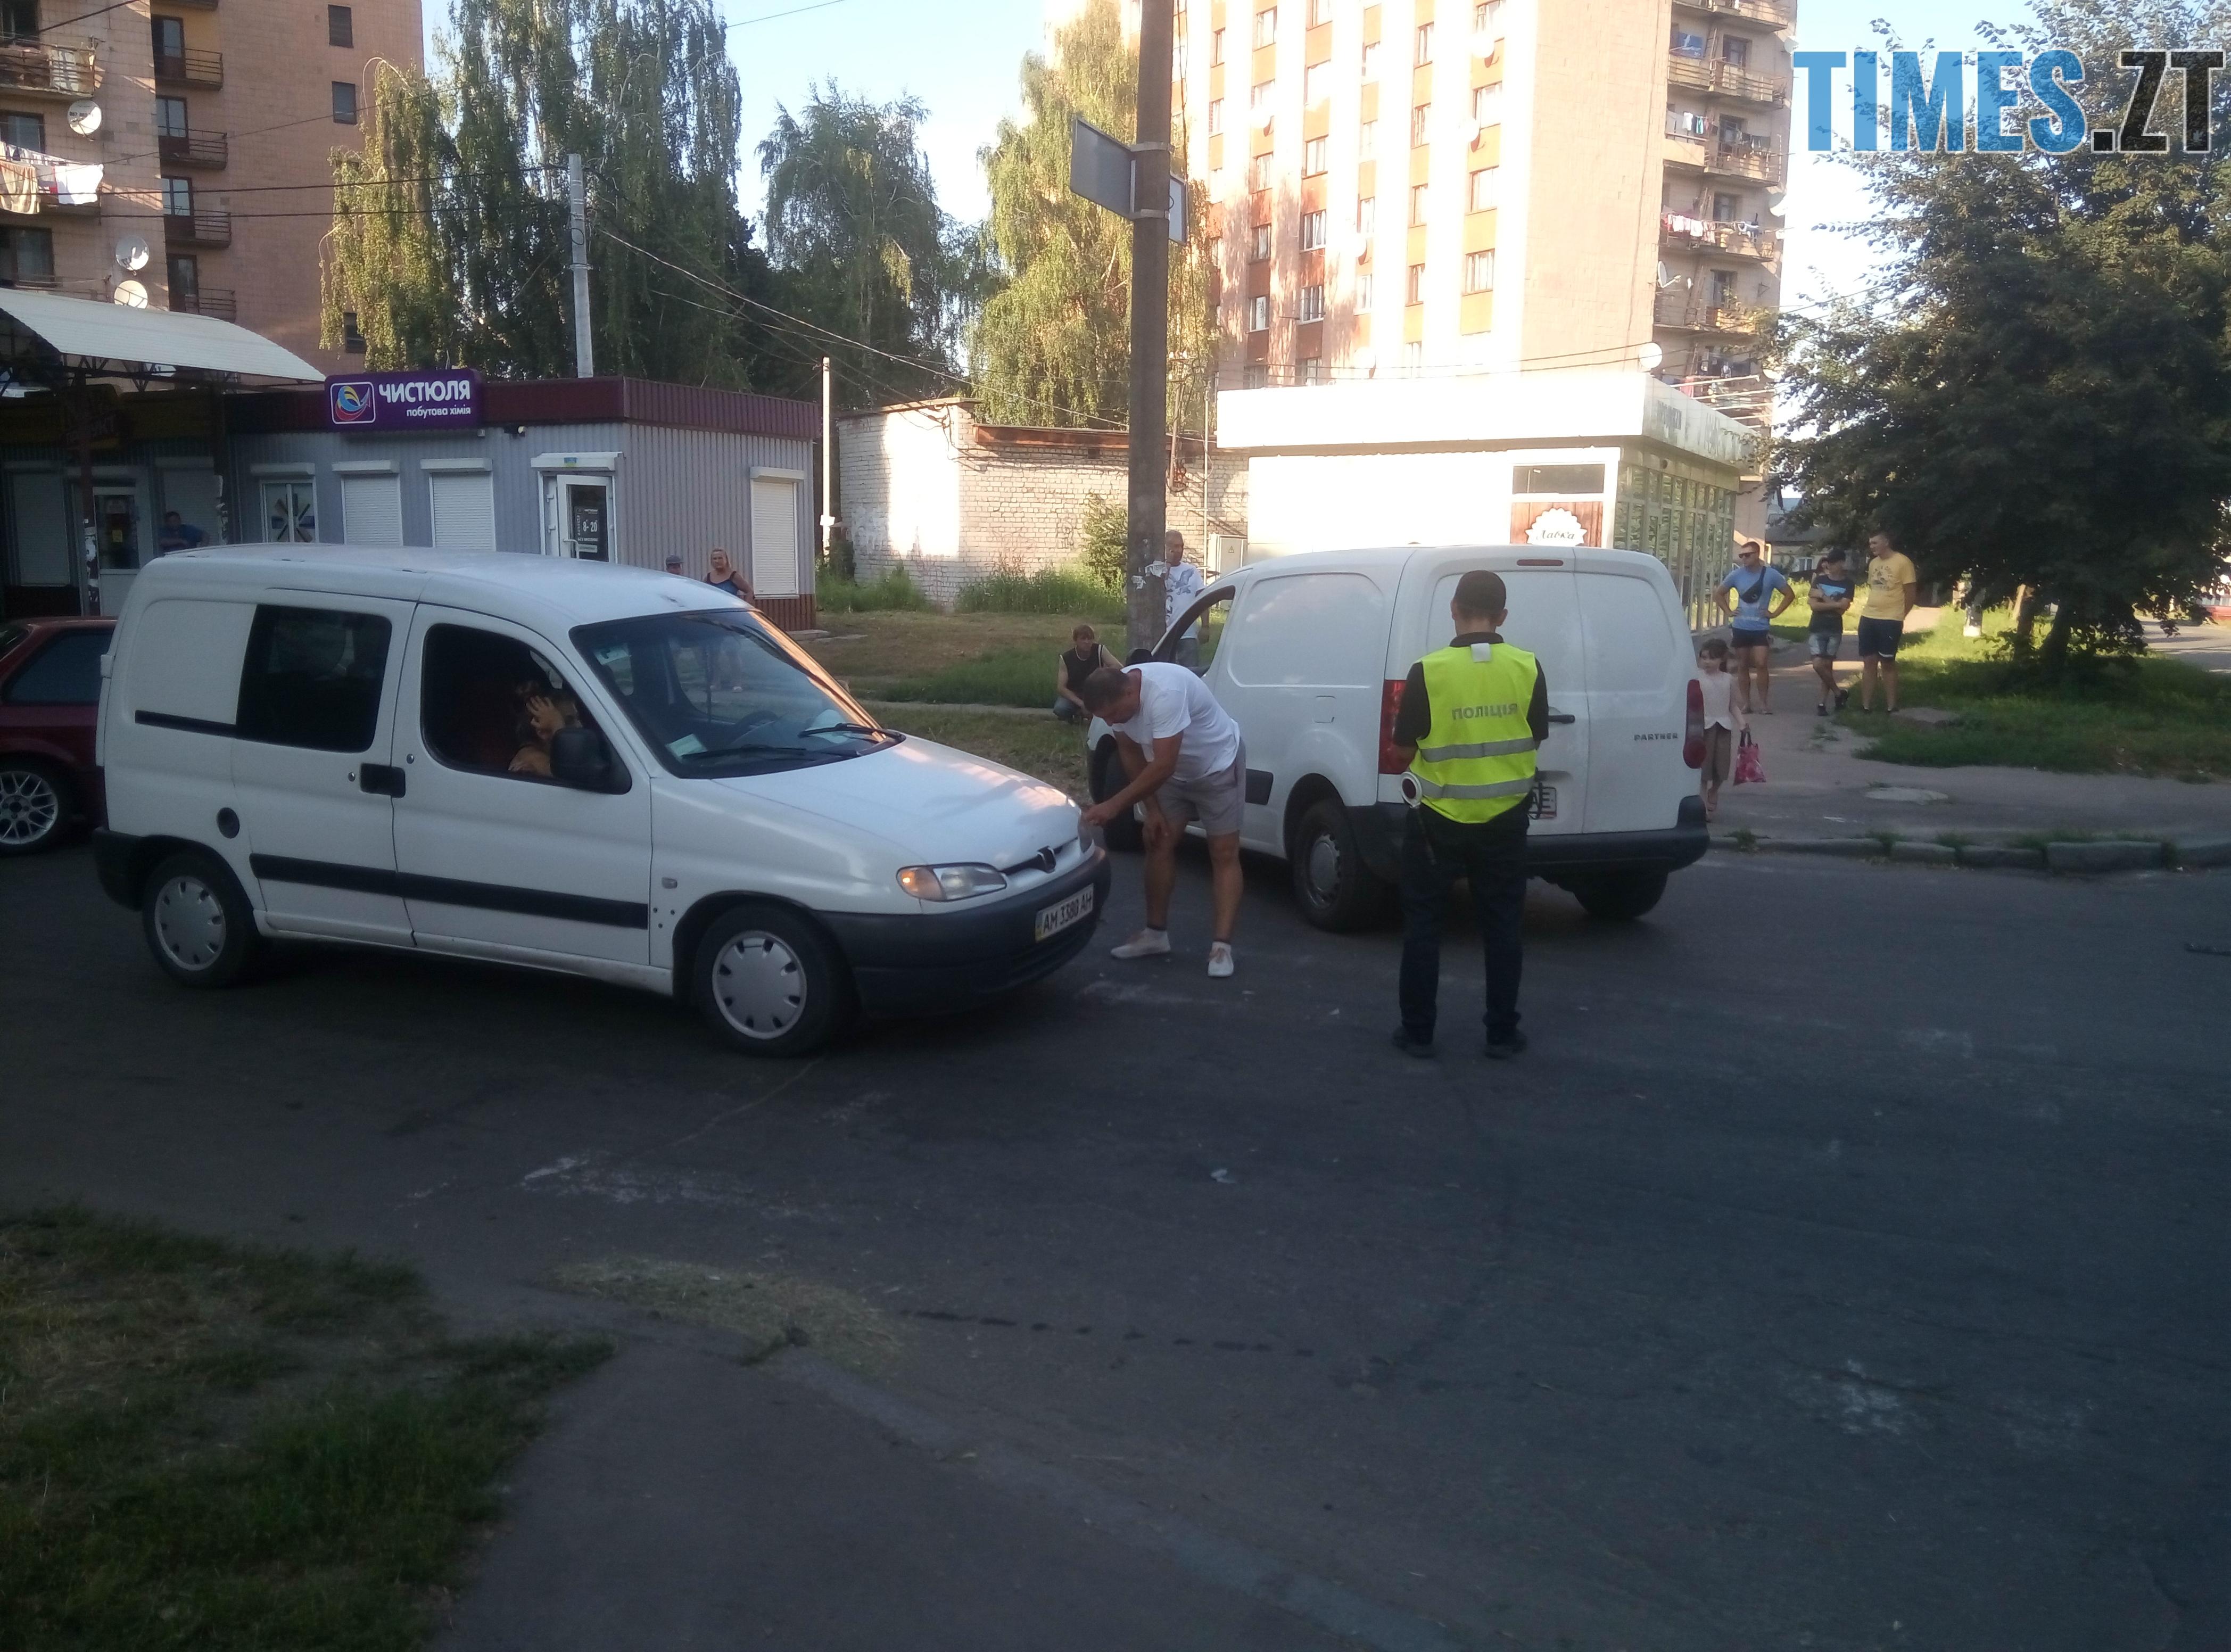 P80814 175006 - У Житомирі зіткнулися три автомобілі: водійка Lanos отримала струс мозку (ФОТО)